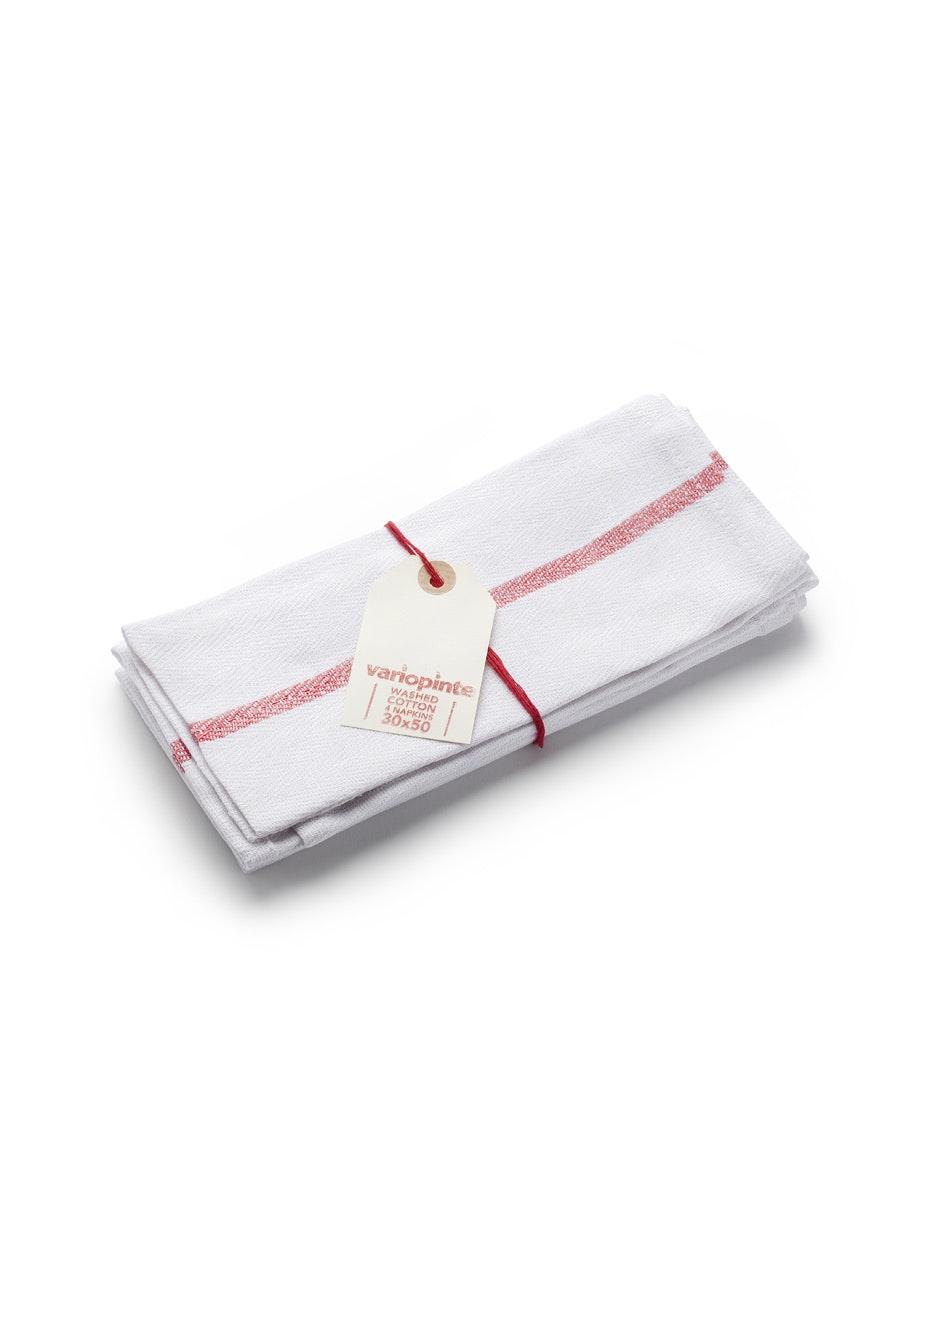 Città - Variopinte Cotton Napkin Set/4 Red Cinnabar  30x50cm